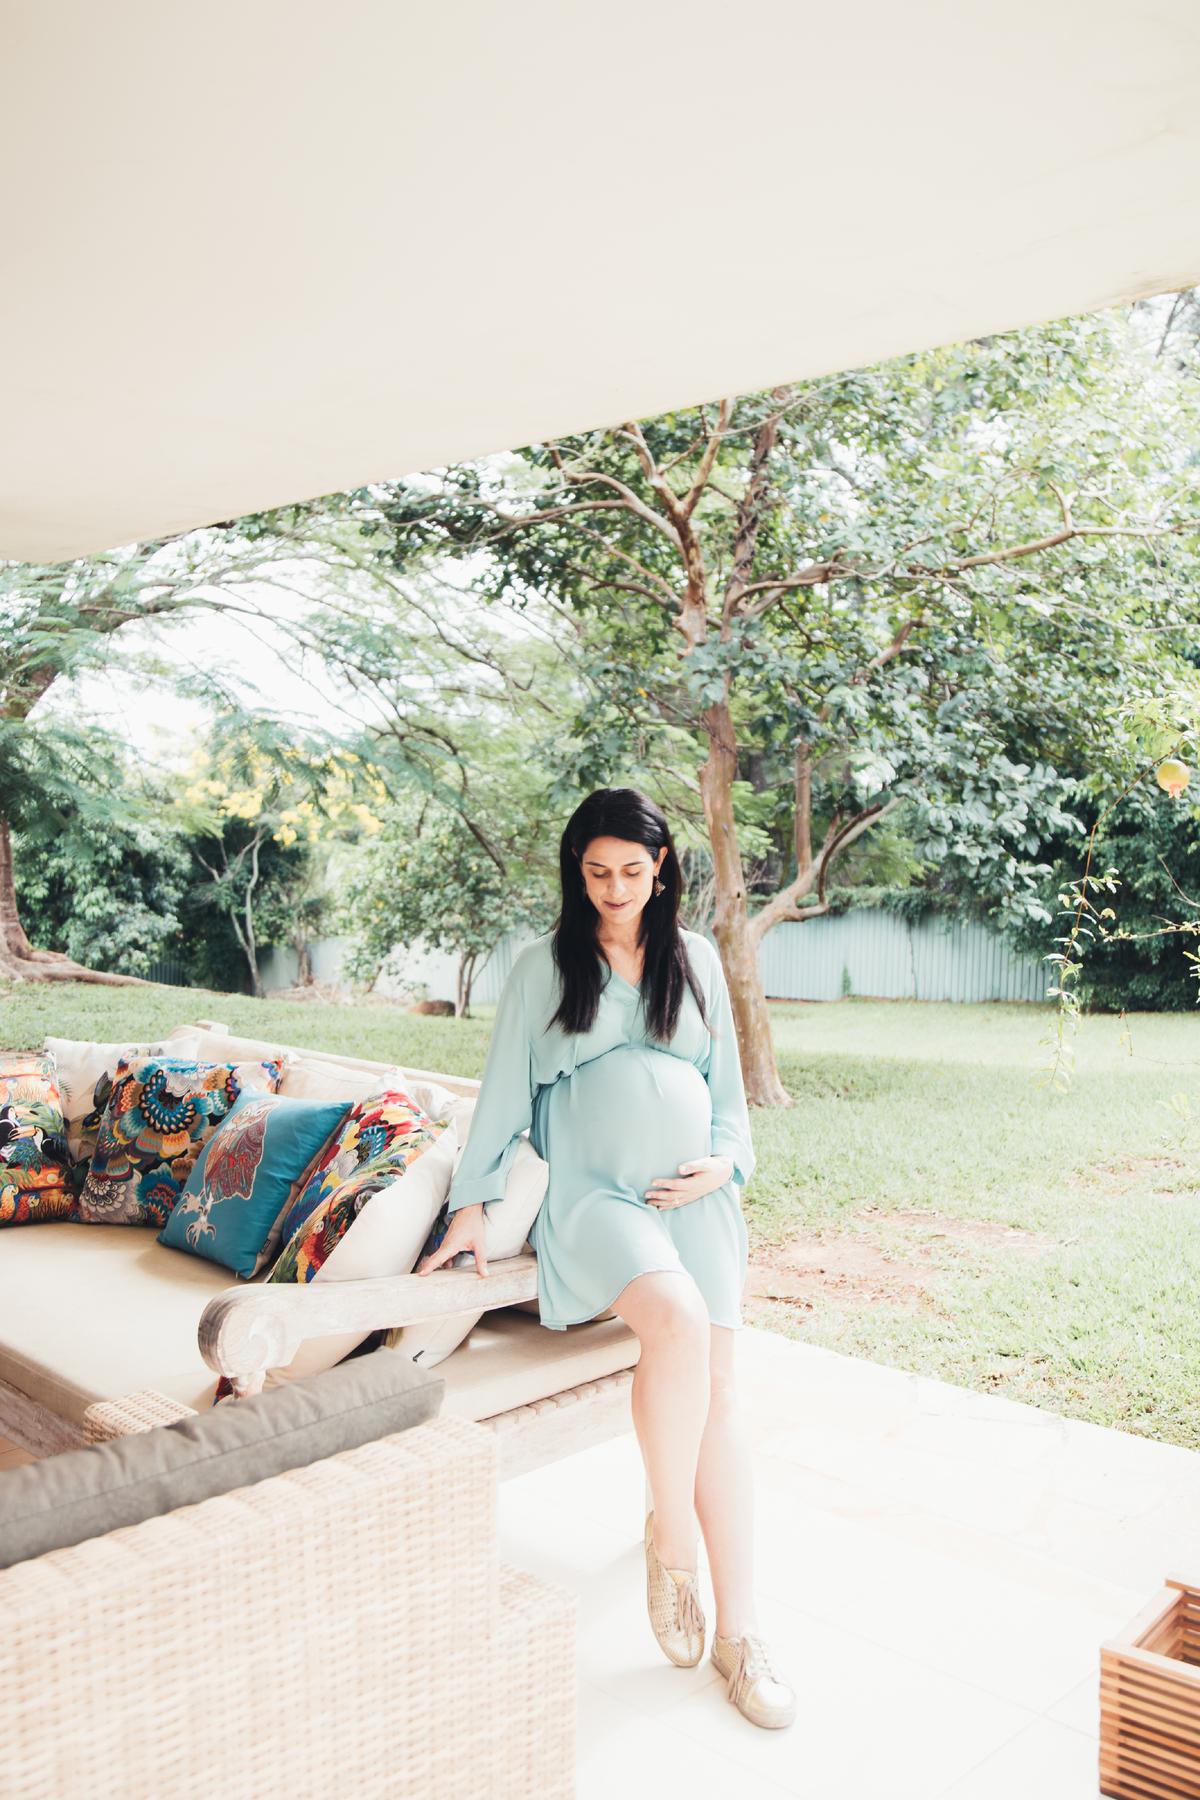 Jardim em casa, ensaio lifestyle, gestante lifestyle, Brasilia